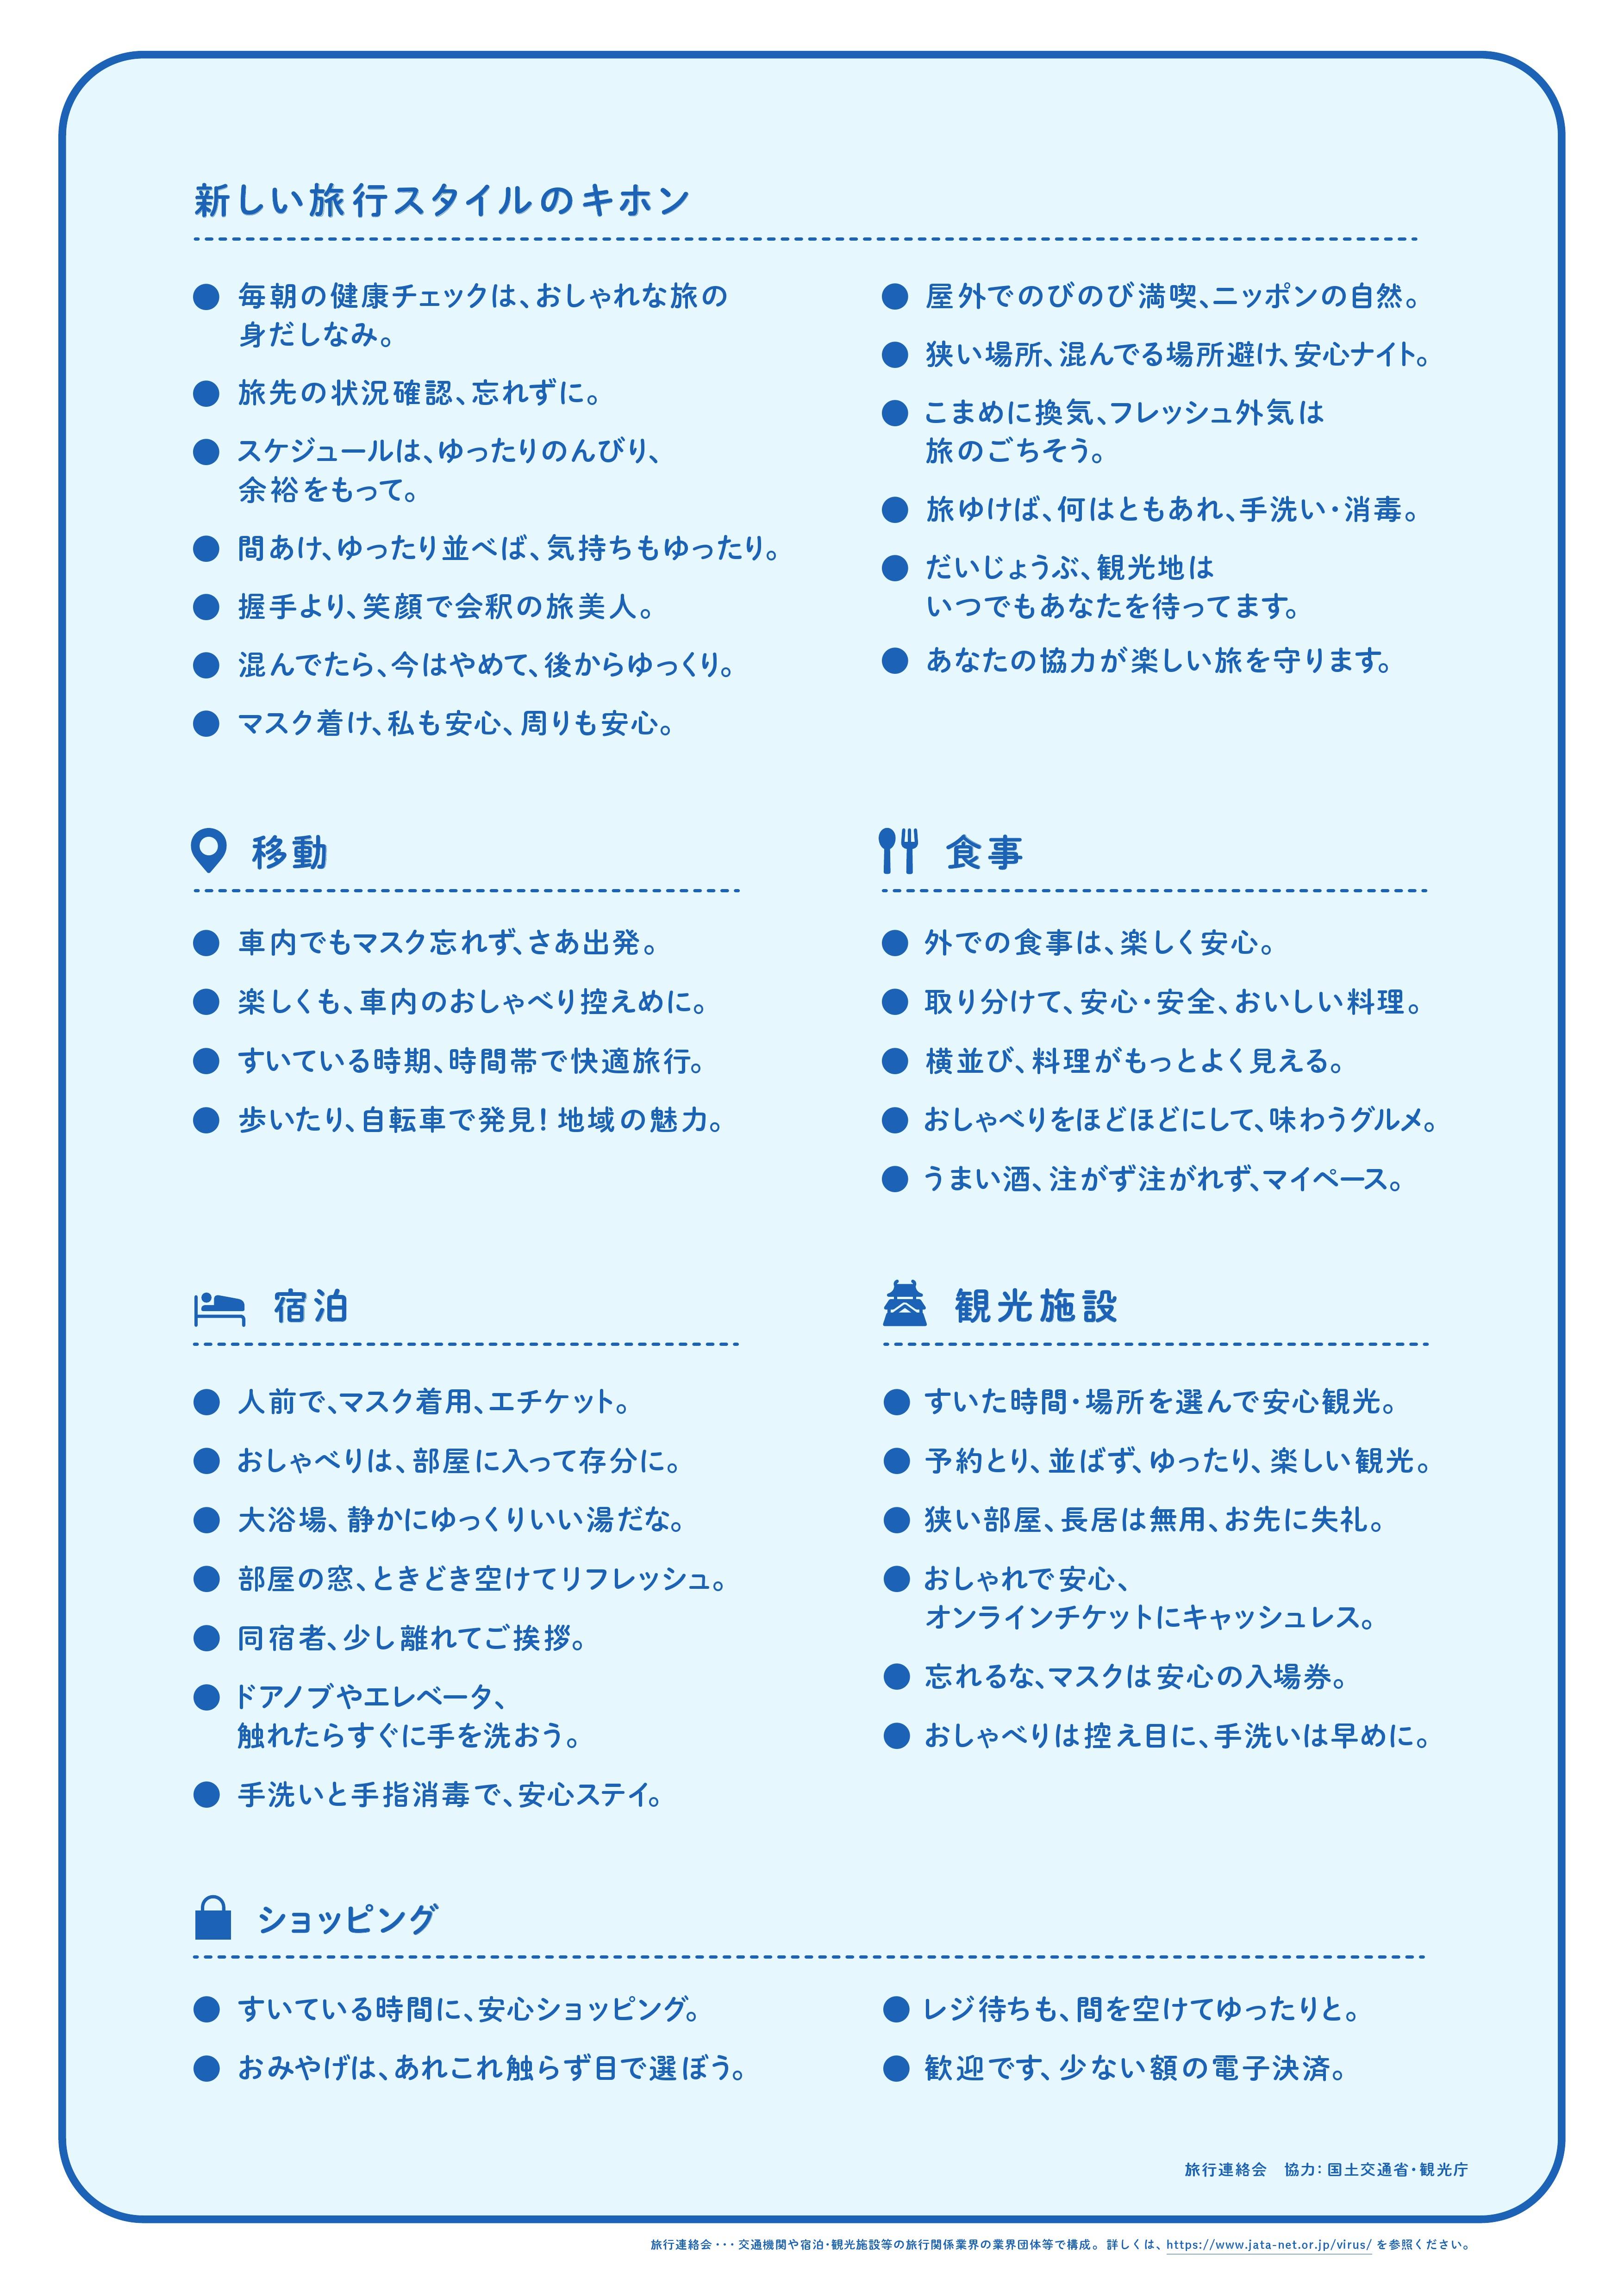 新しい旅のエチケット_PAGE0001.jpg